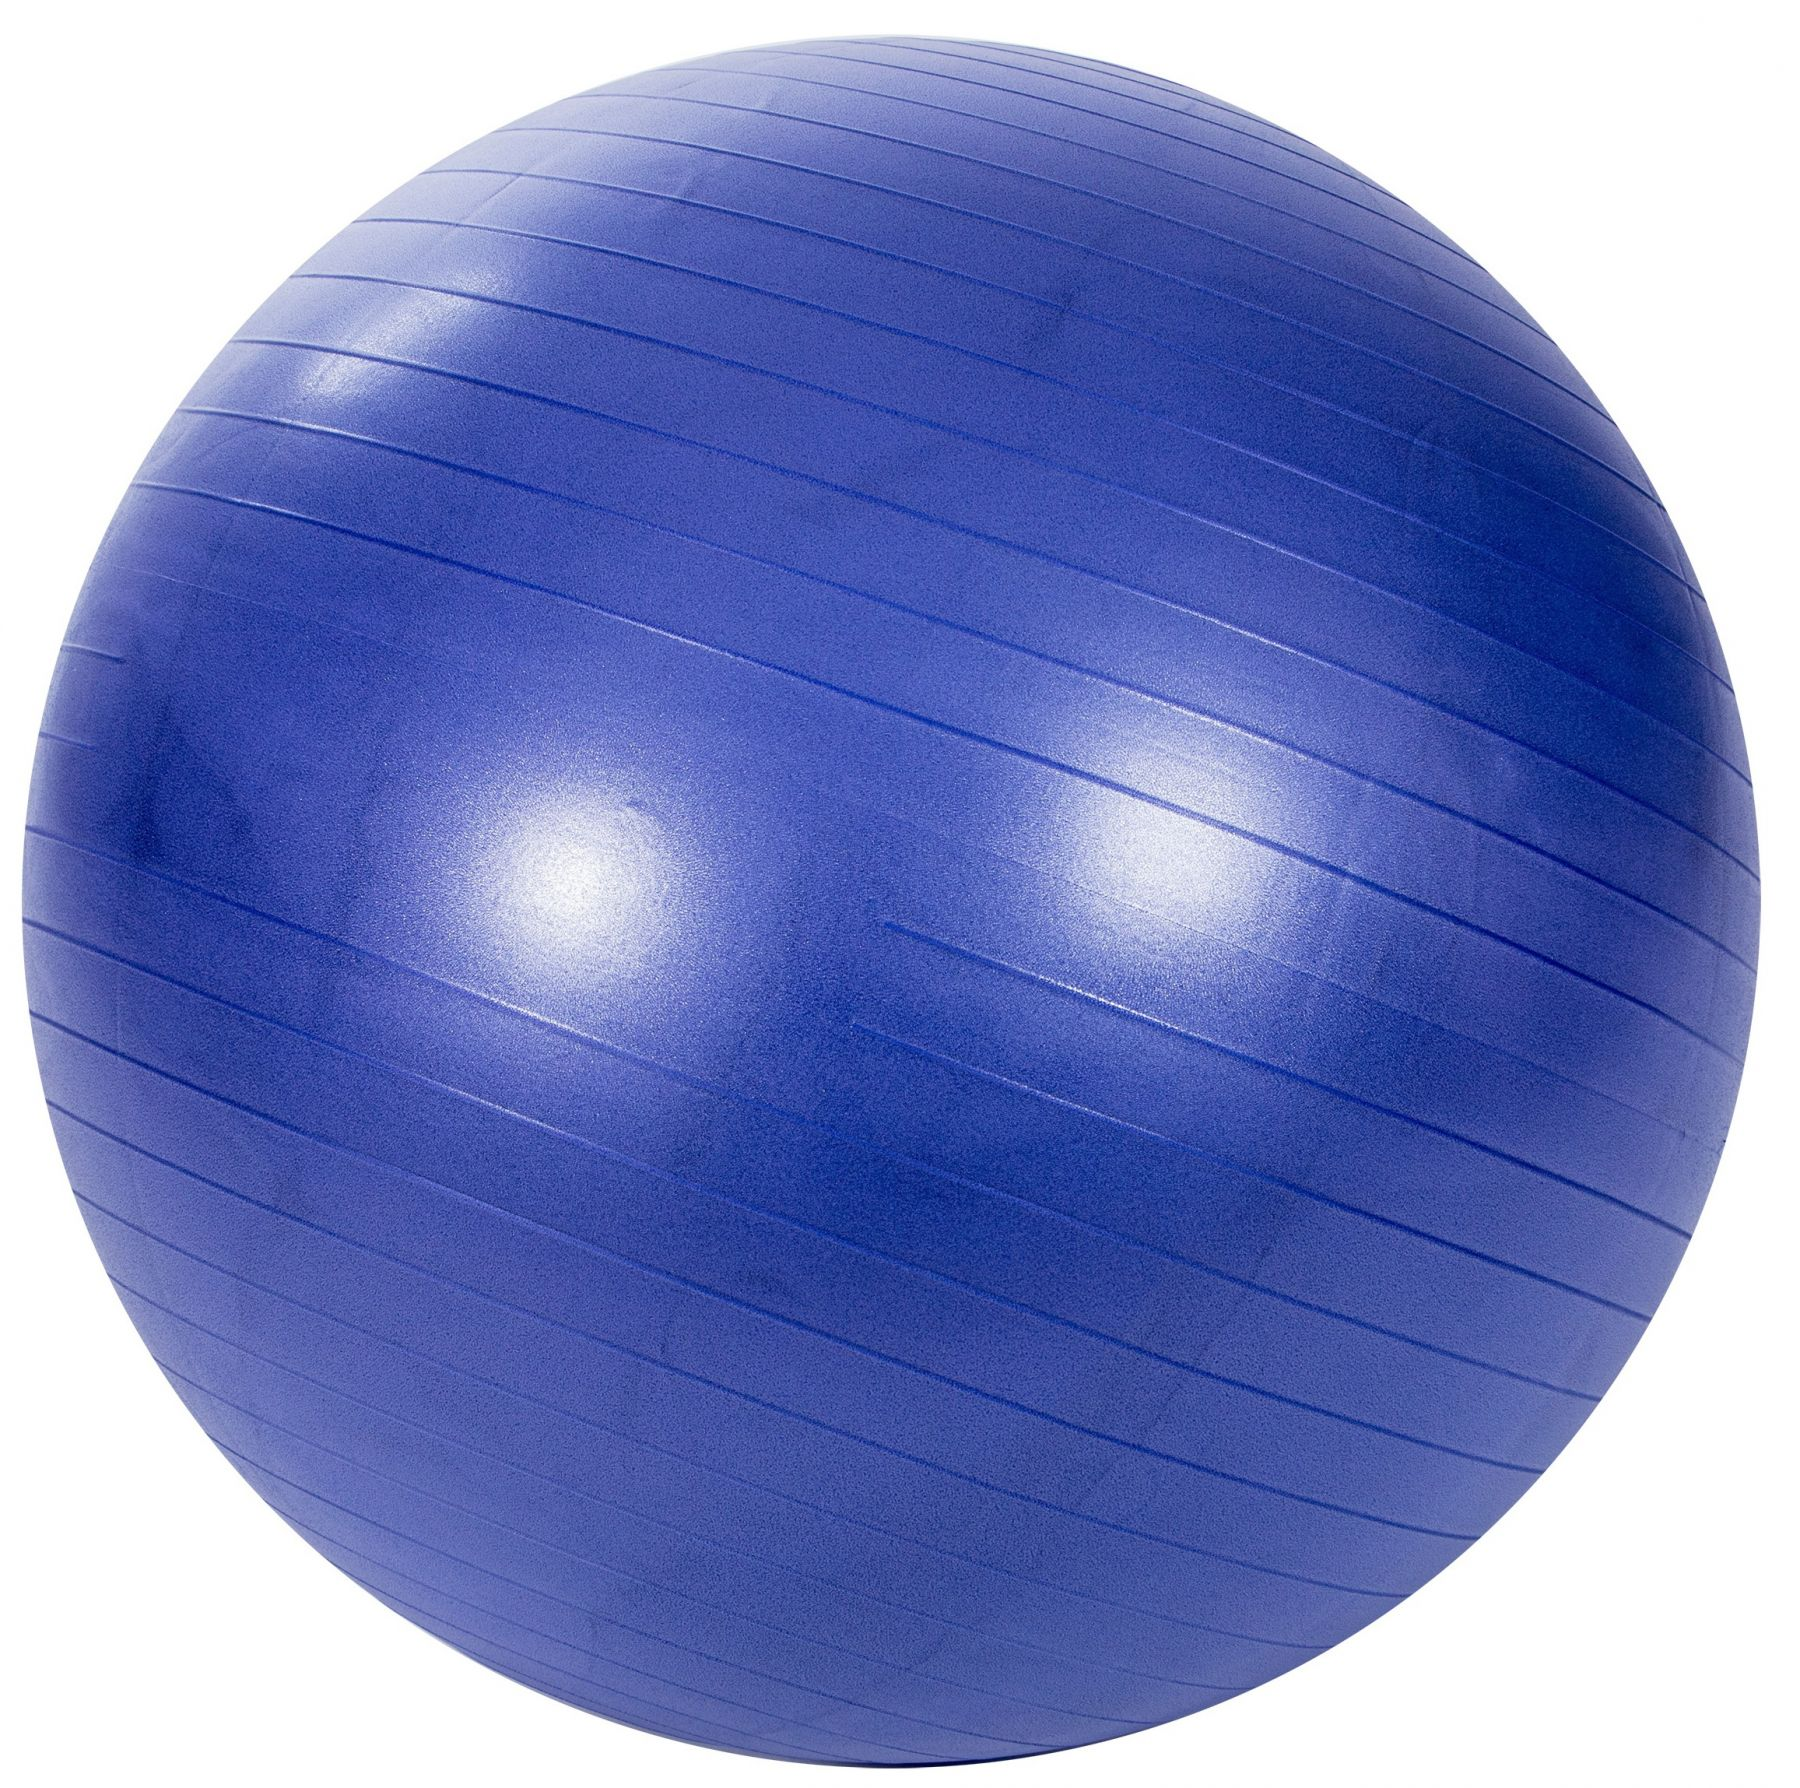 Гимнастический мяч PROFI-FIT, диаметр 85 см, антивзрыв